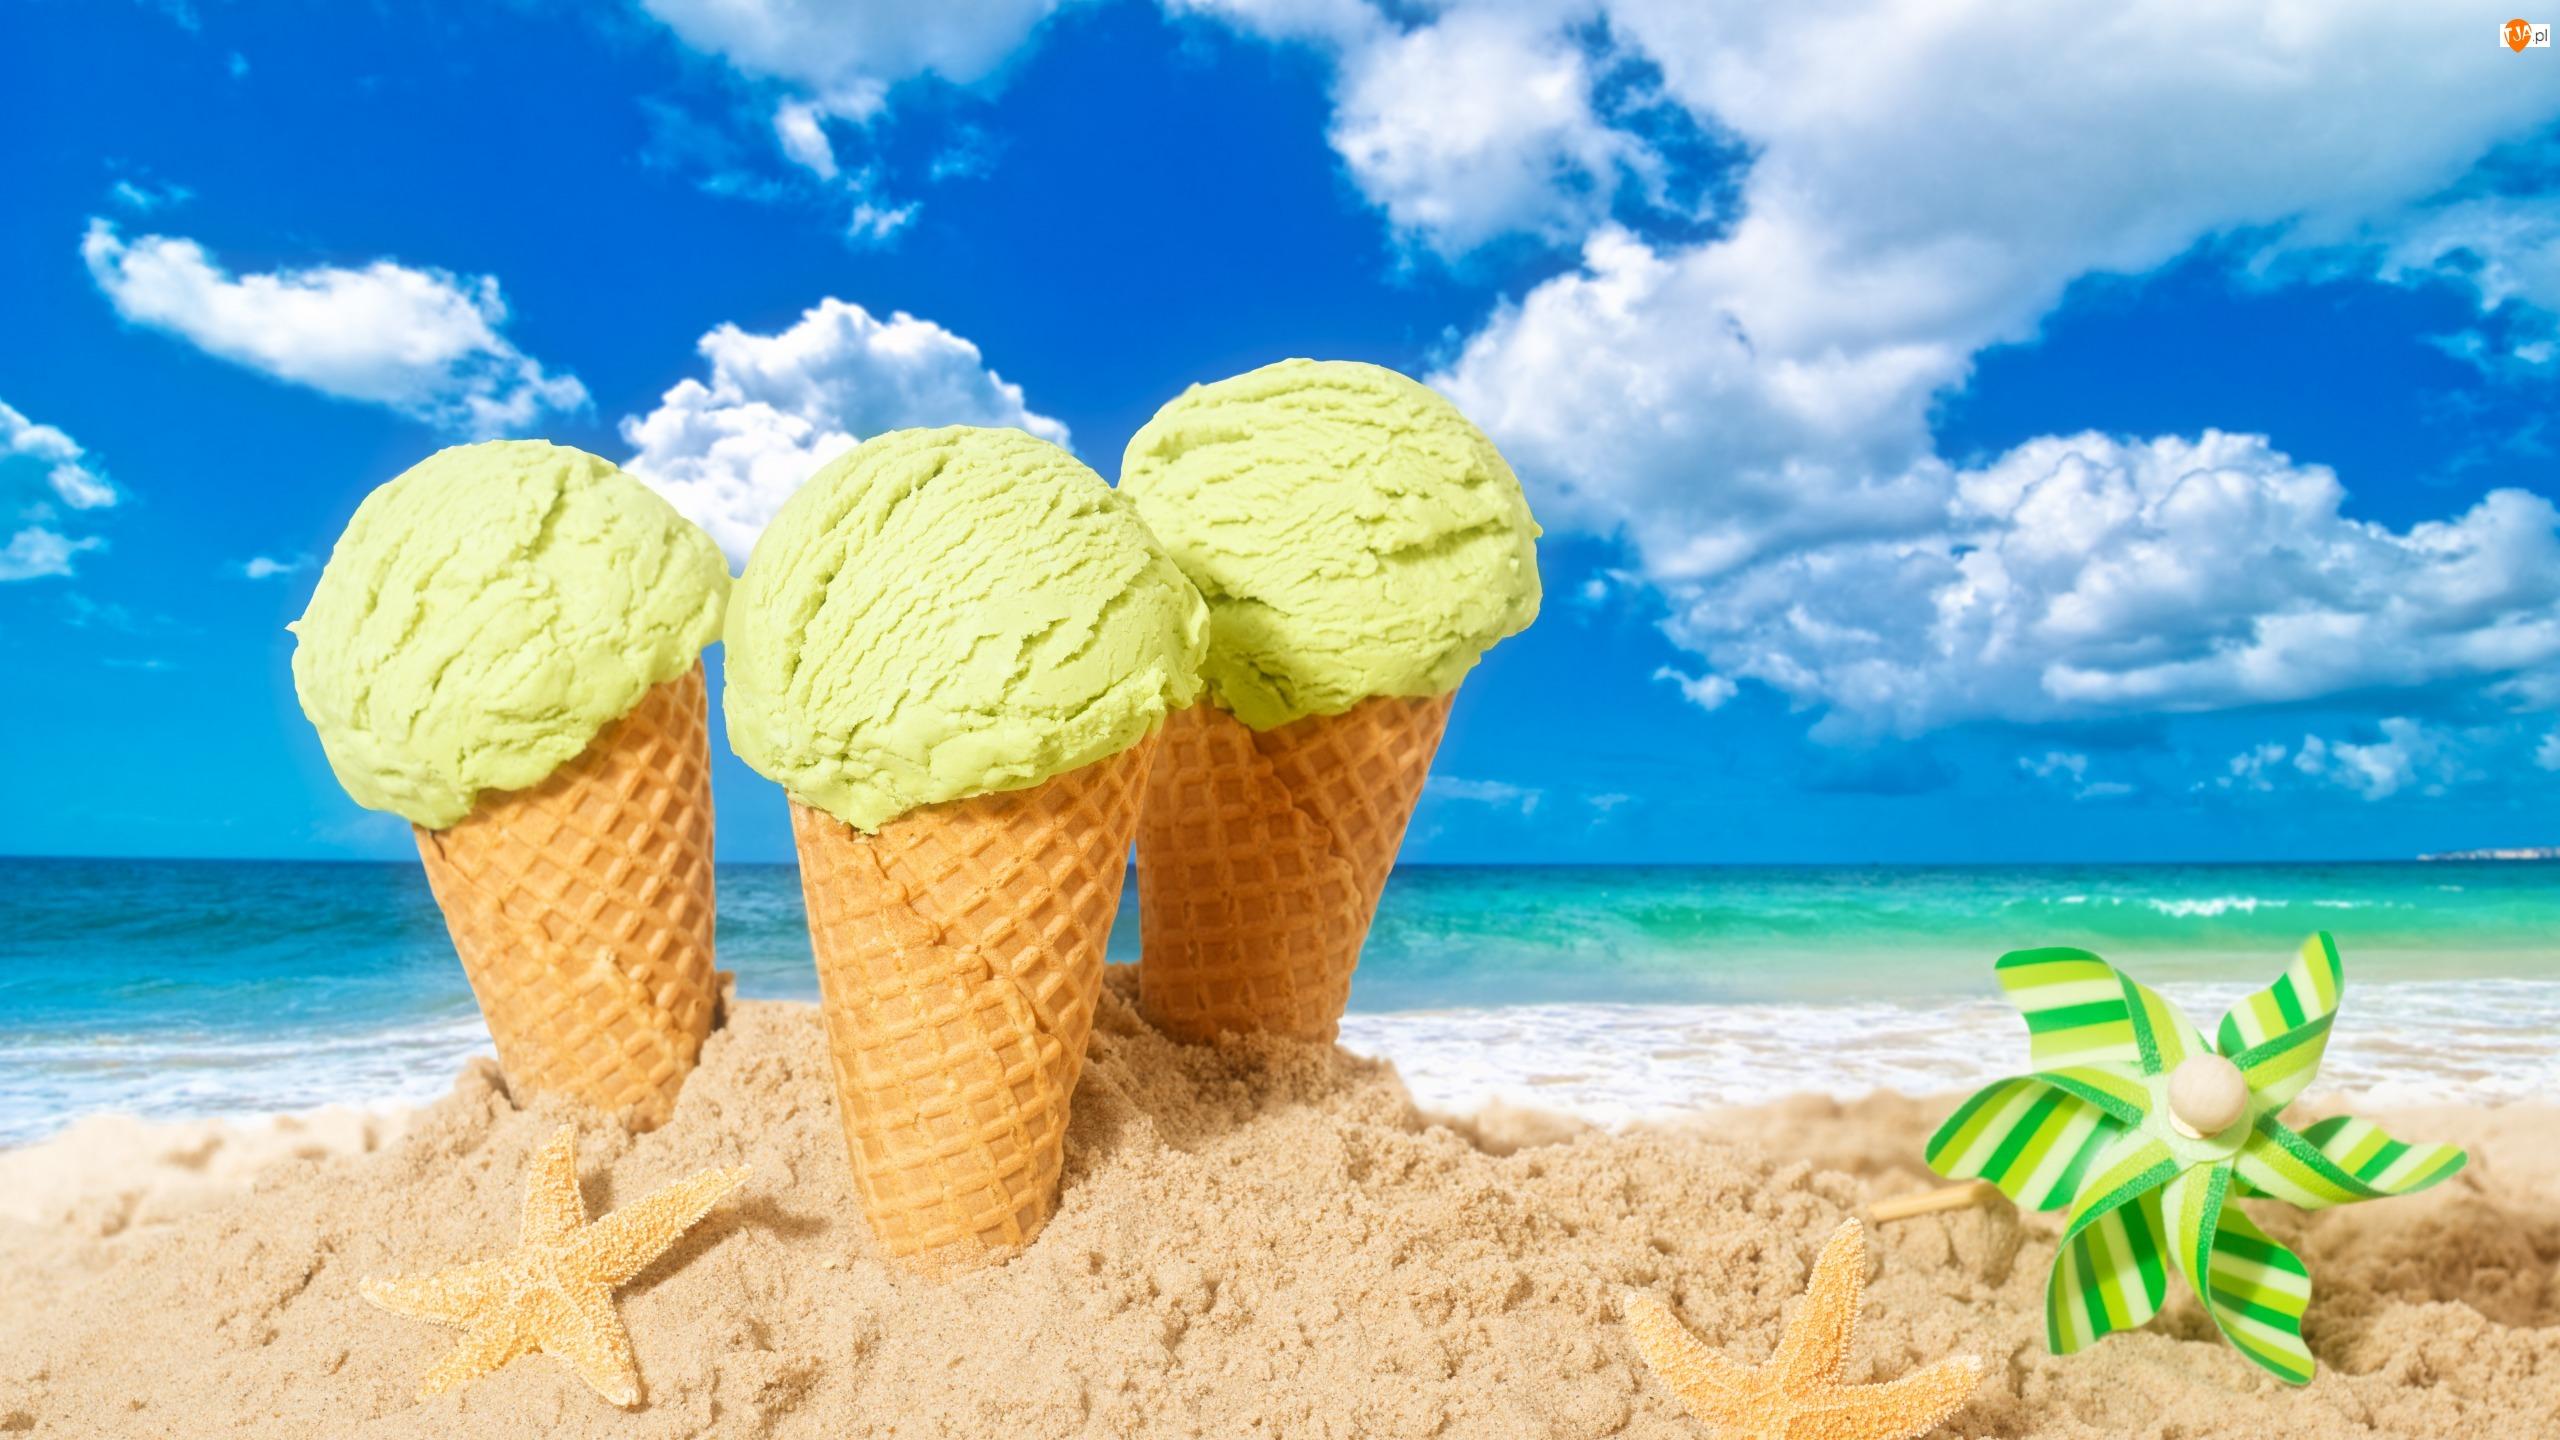 Plaża, Lato, Piasek, Lody, Morze